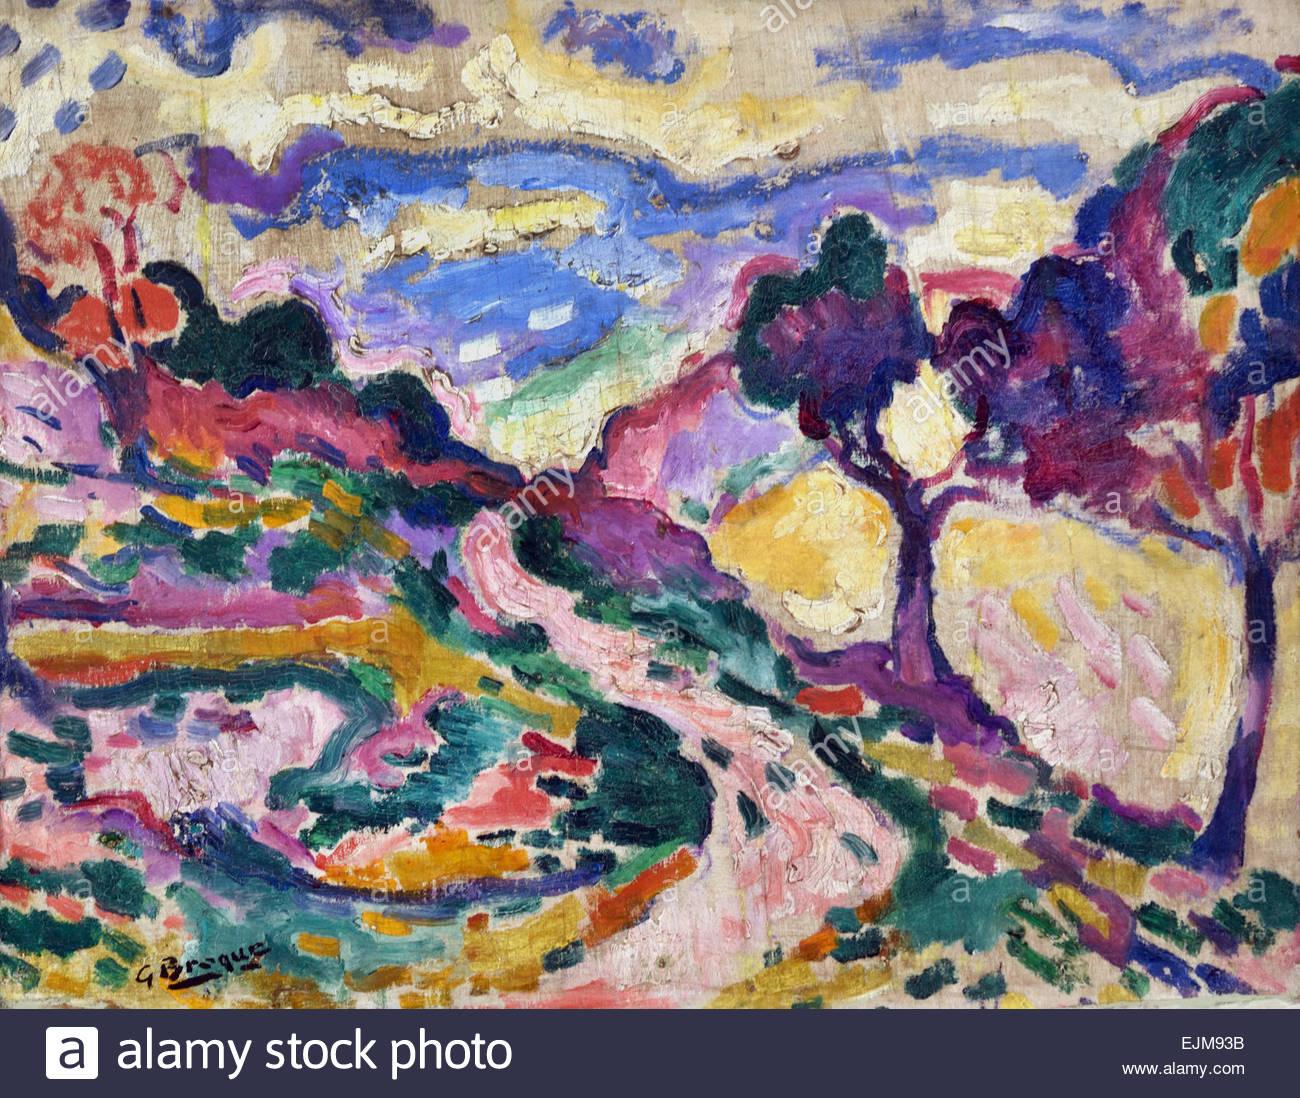 4523dd3767 Paysage de la Ciotat - Landscape of the Ciotat 1907 Georges Braque  1882-1963 France French